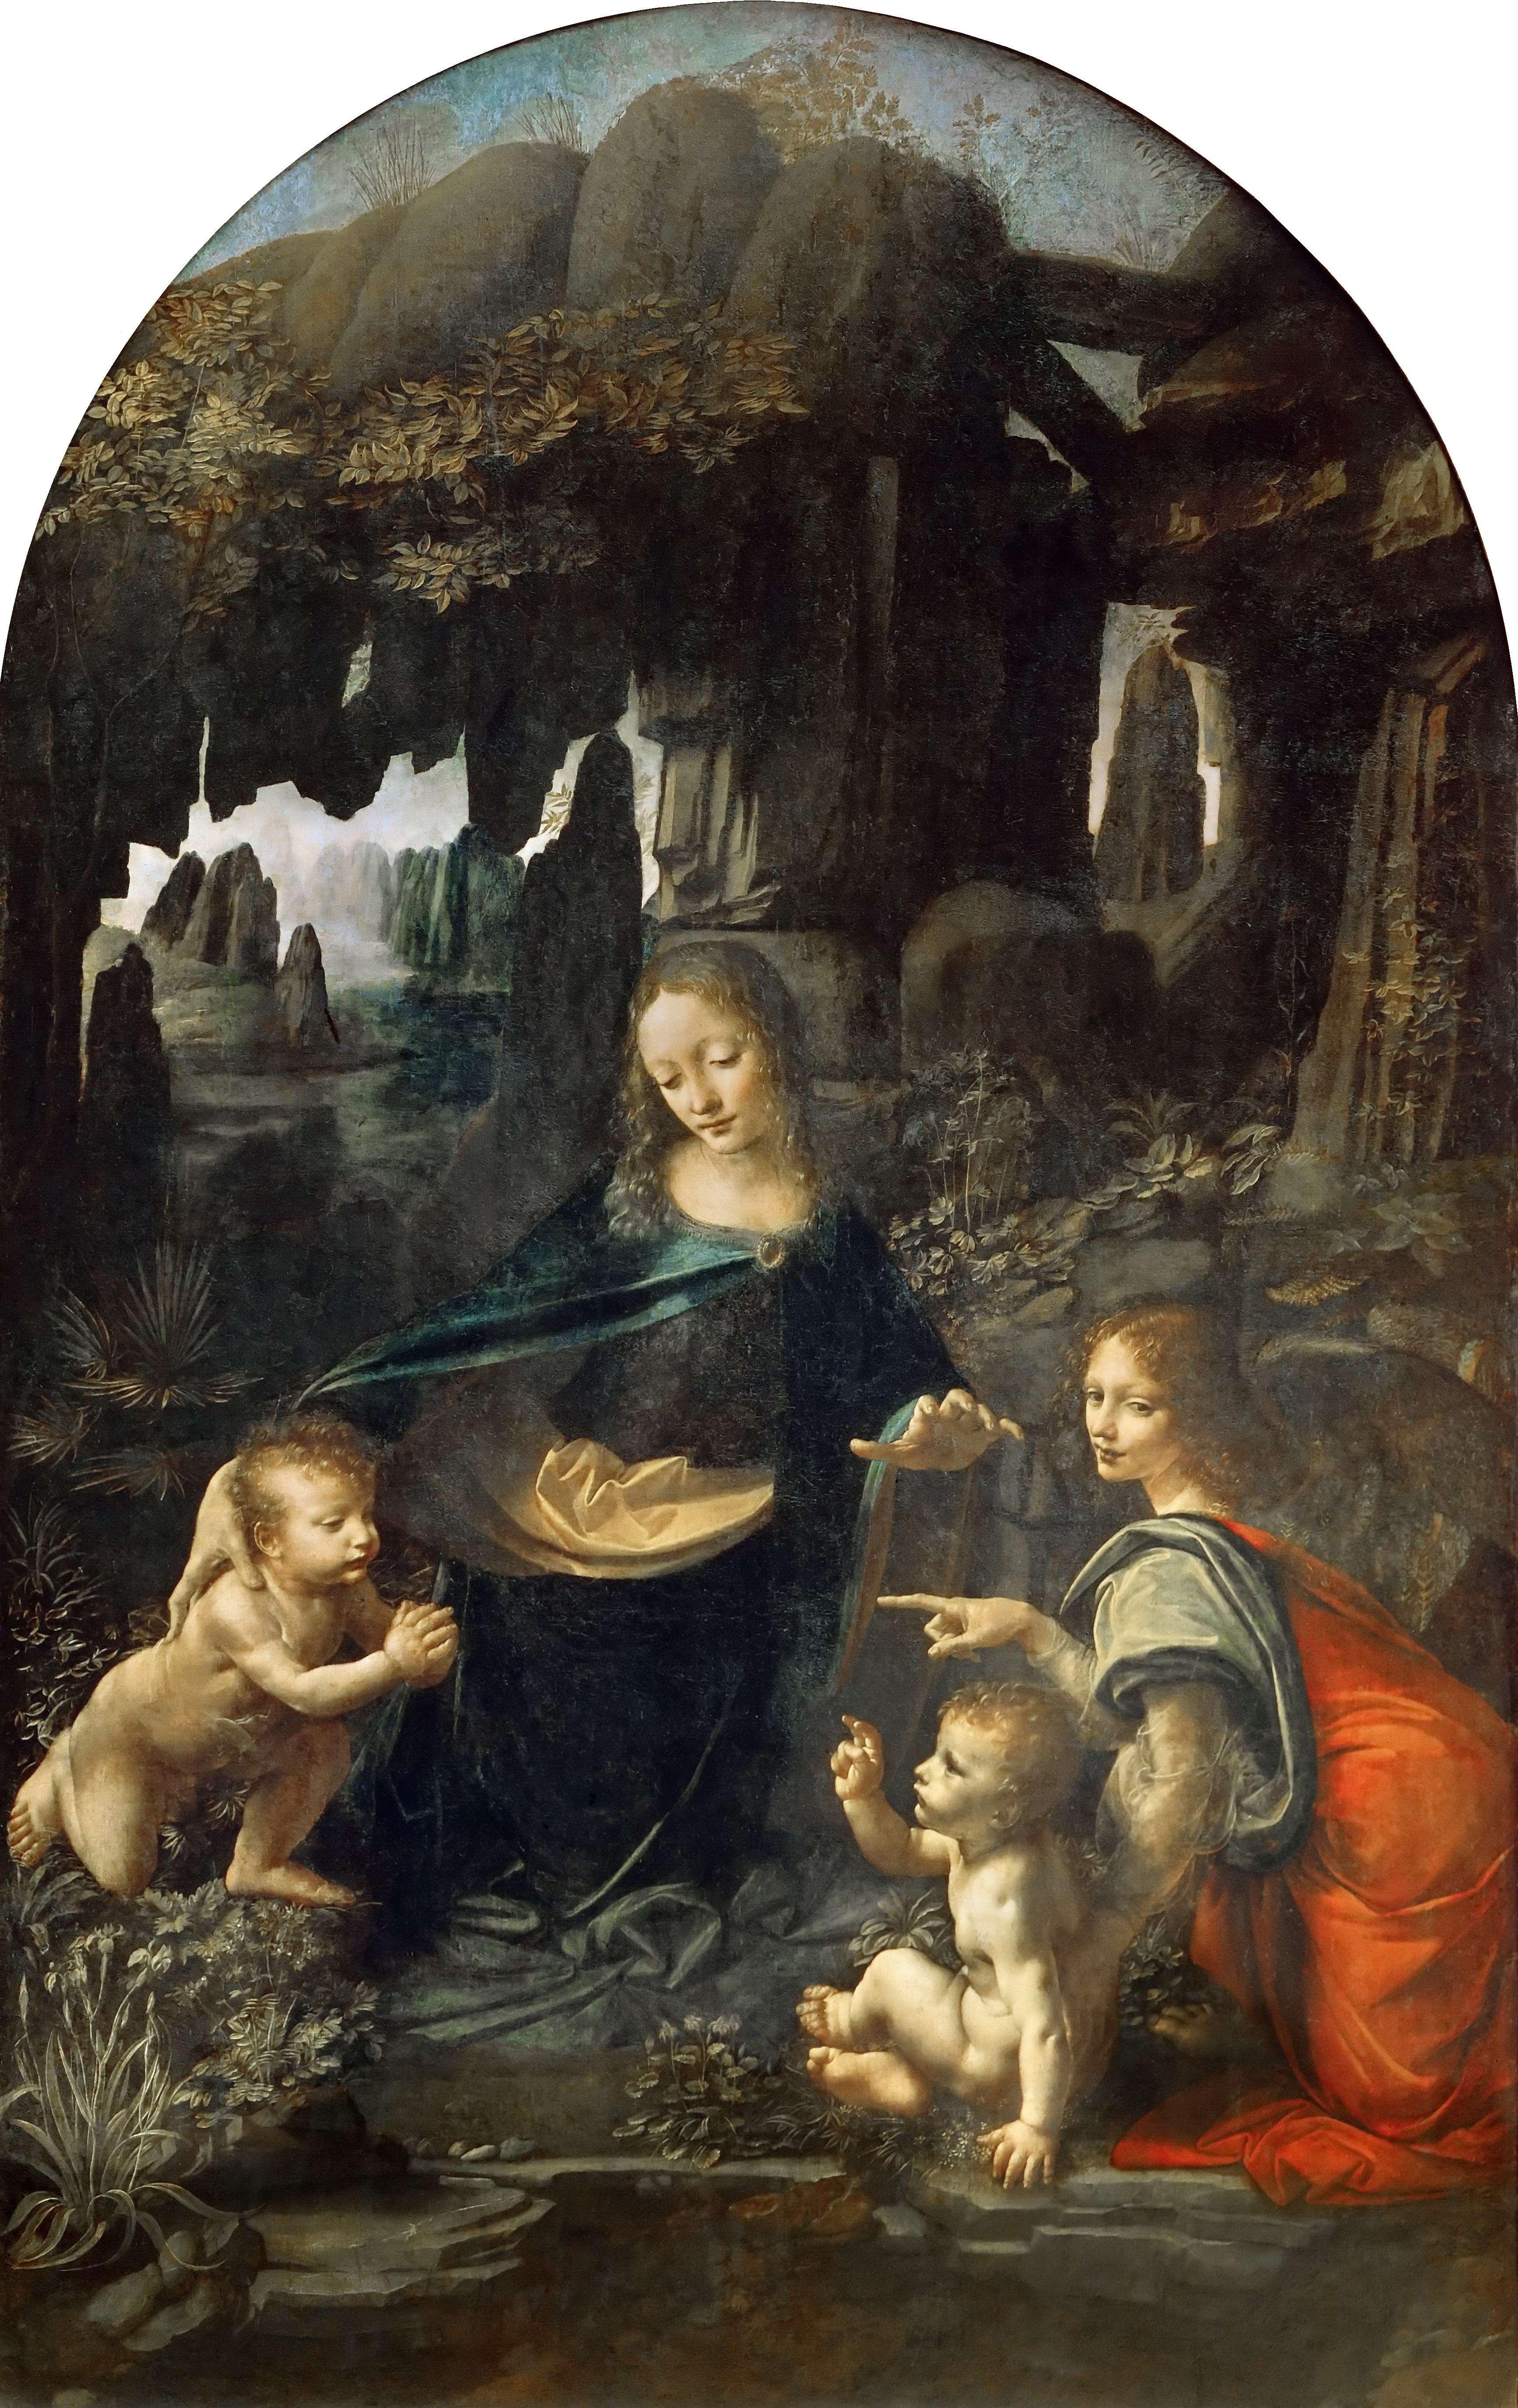 Λεονάρντο ντα Βίντσι. - Η Παναγία των Βράχων Vergine delle Rocce (Η εκδοχή του Λούβρου)